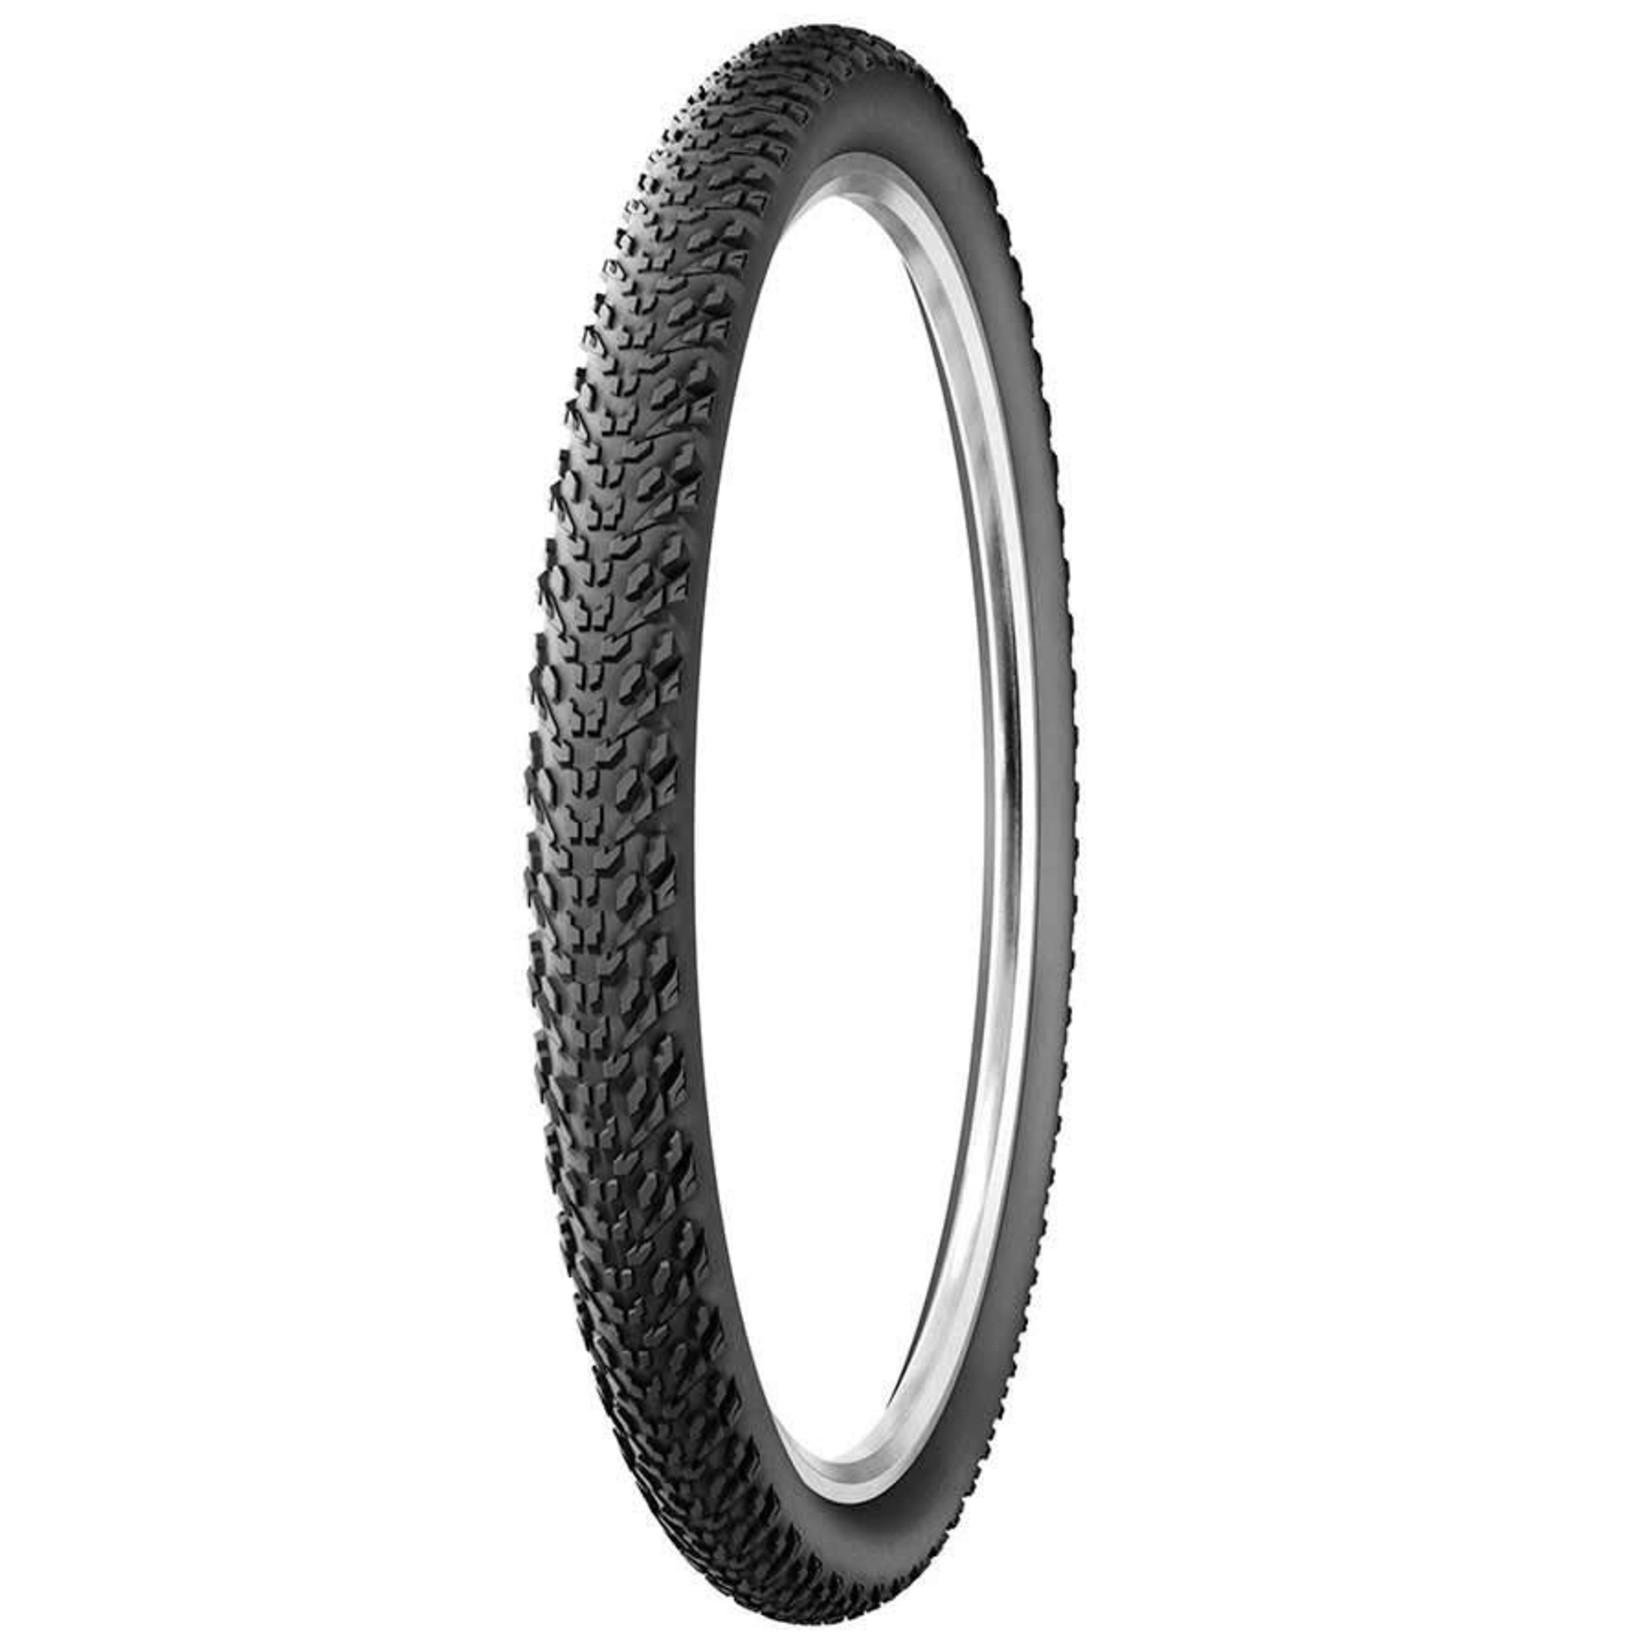 Michelin Michelin, Country Dry 2, 26x2.00, Rigide, 33TPI, 29-58PSI, 600g, Noir